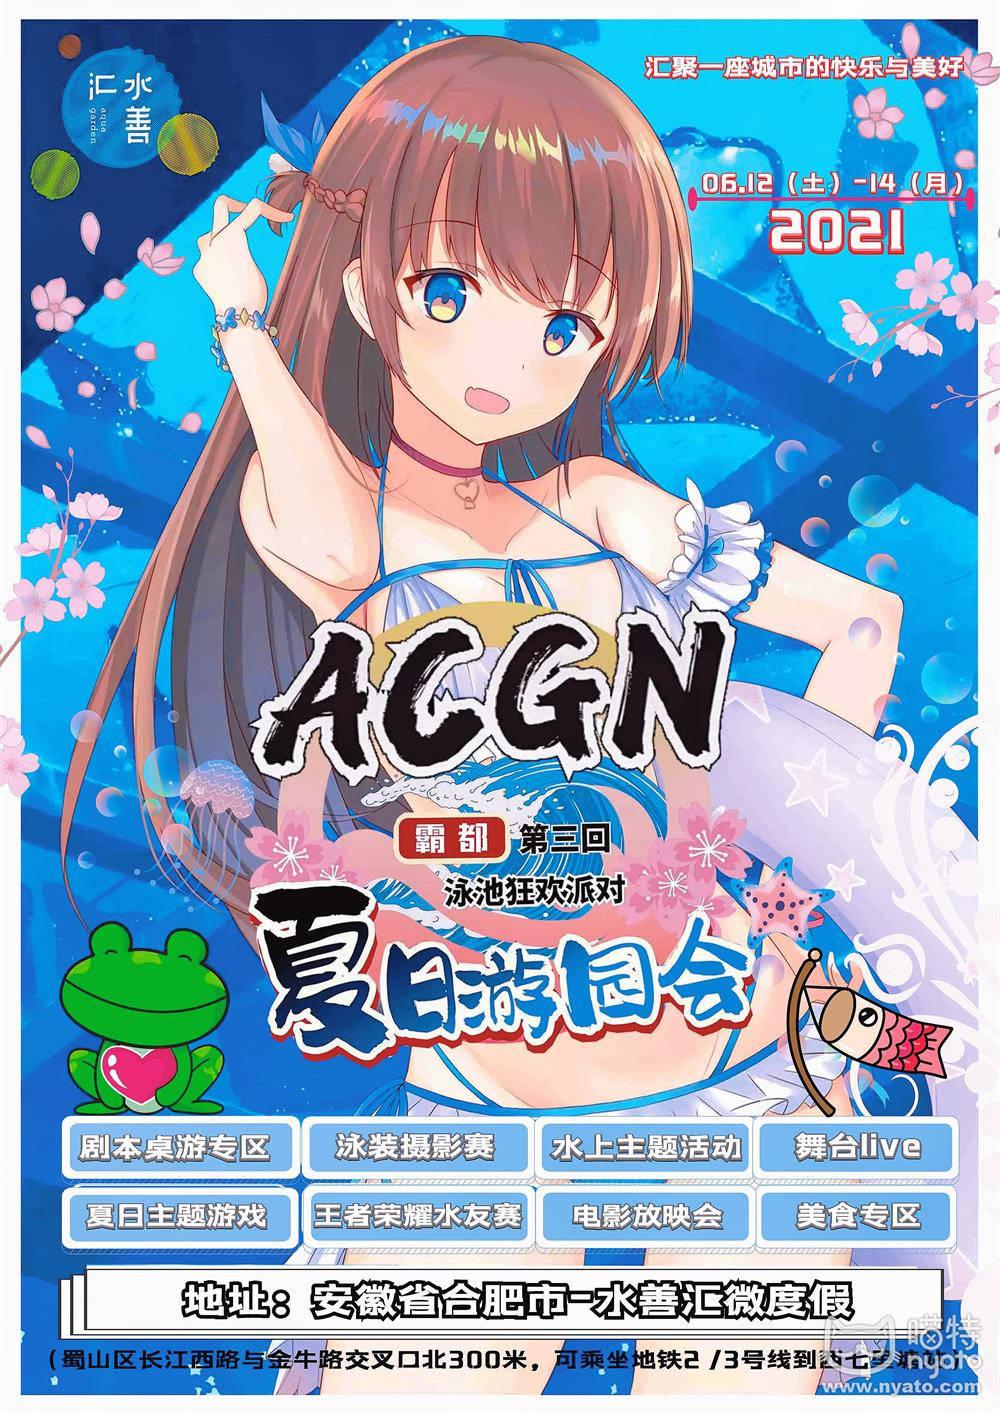 ACGN夏日游园会03.jpg